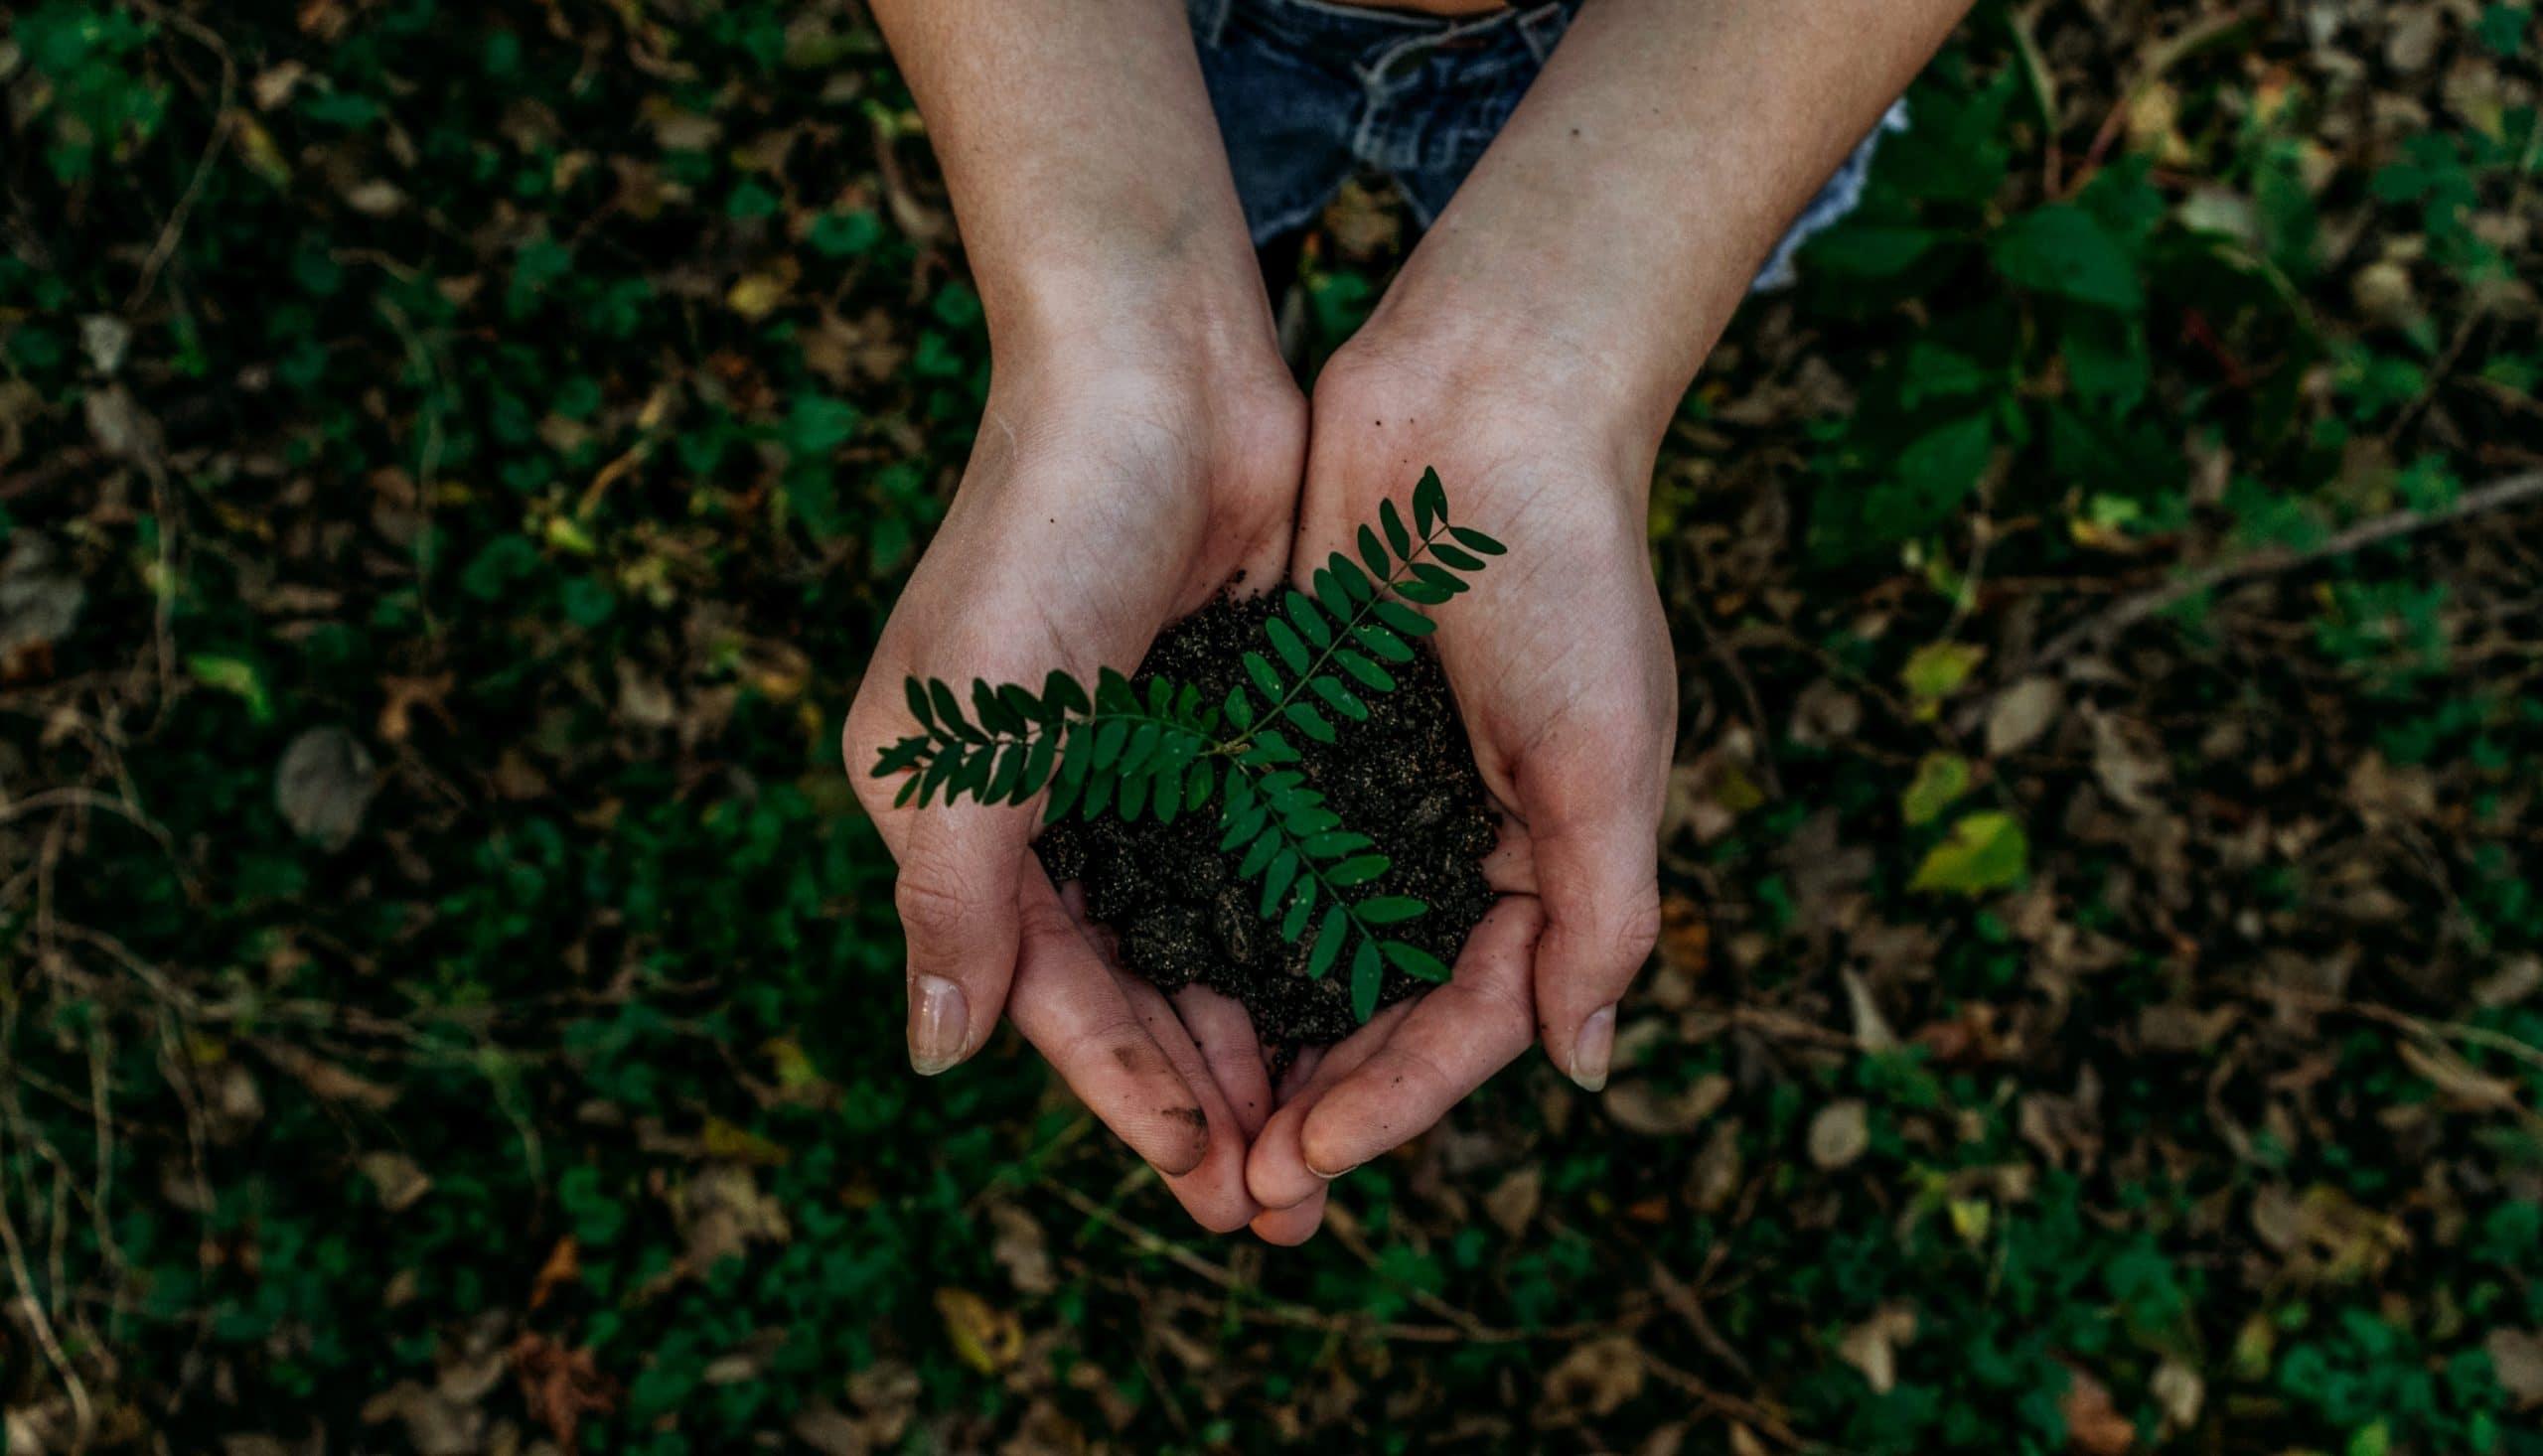 Mãos unidas segurando muda d eplanta vista de cima